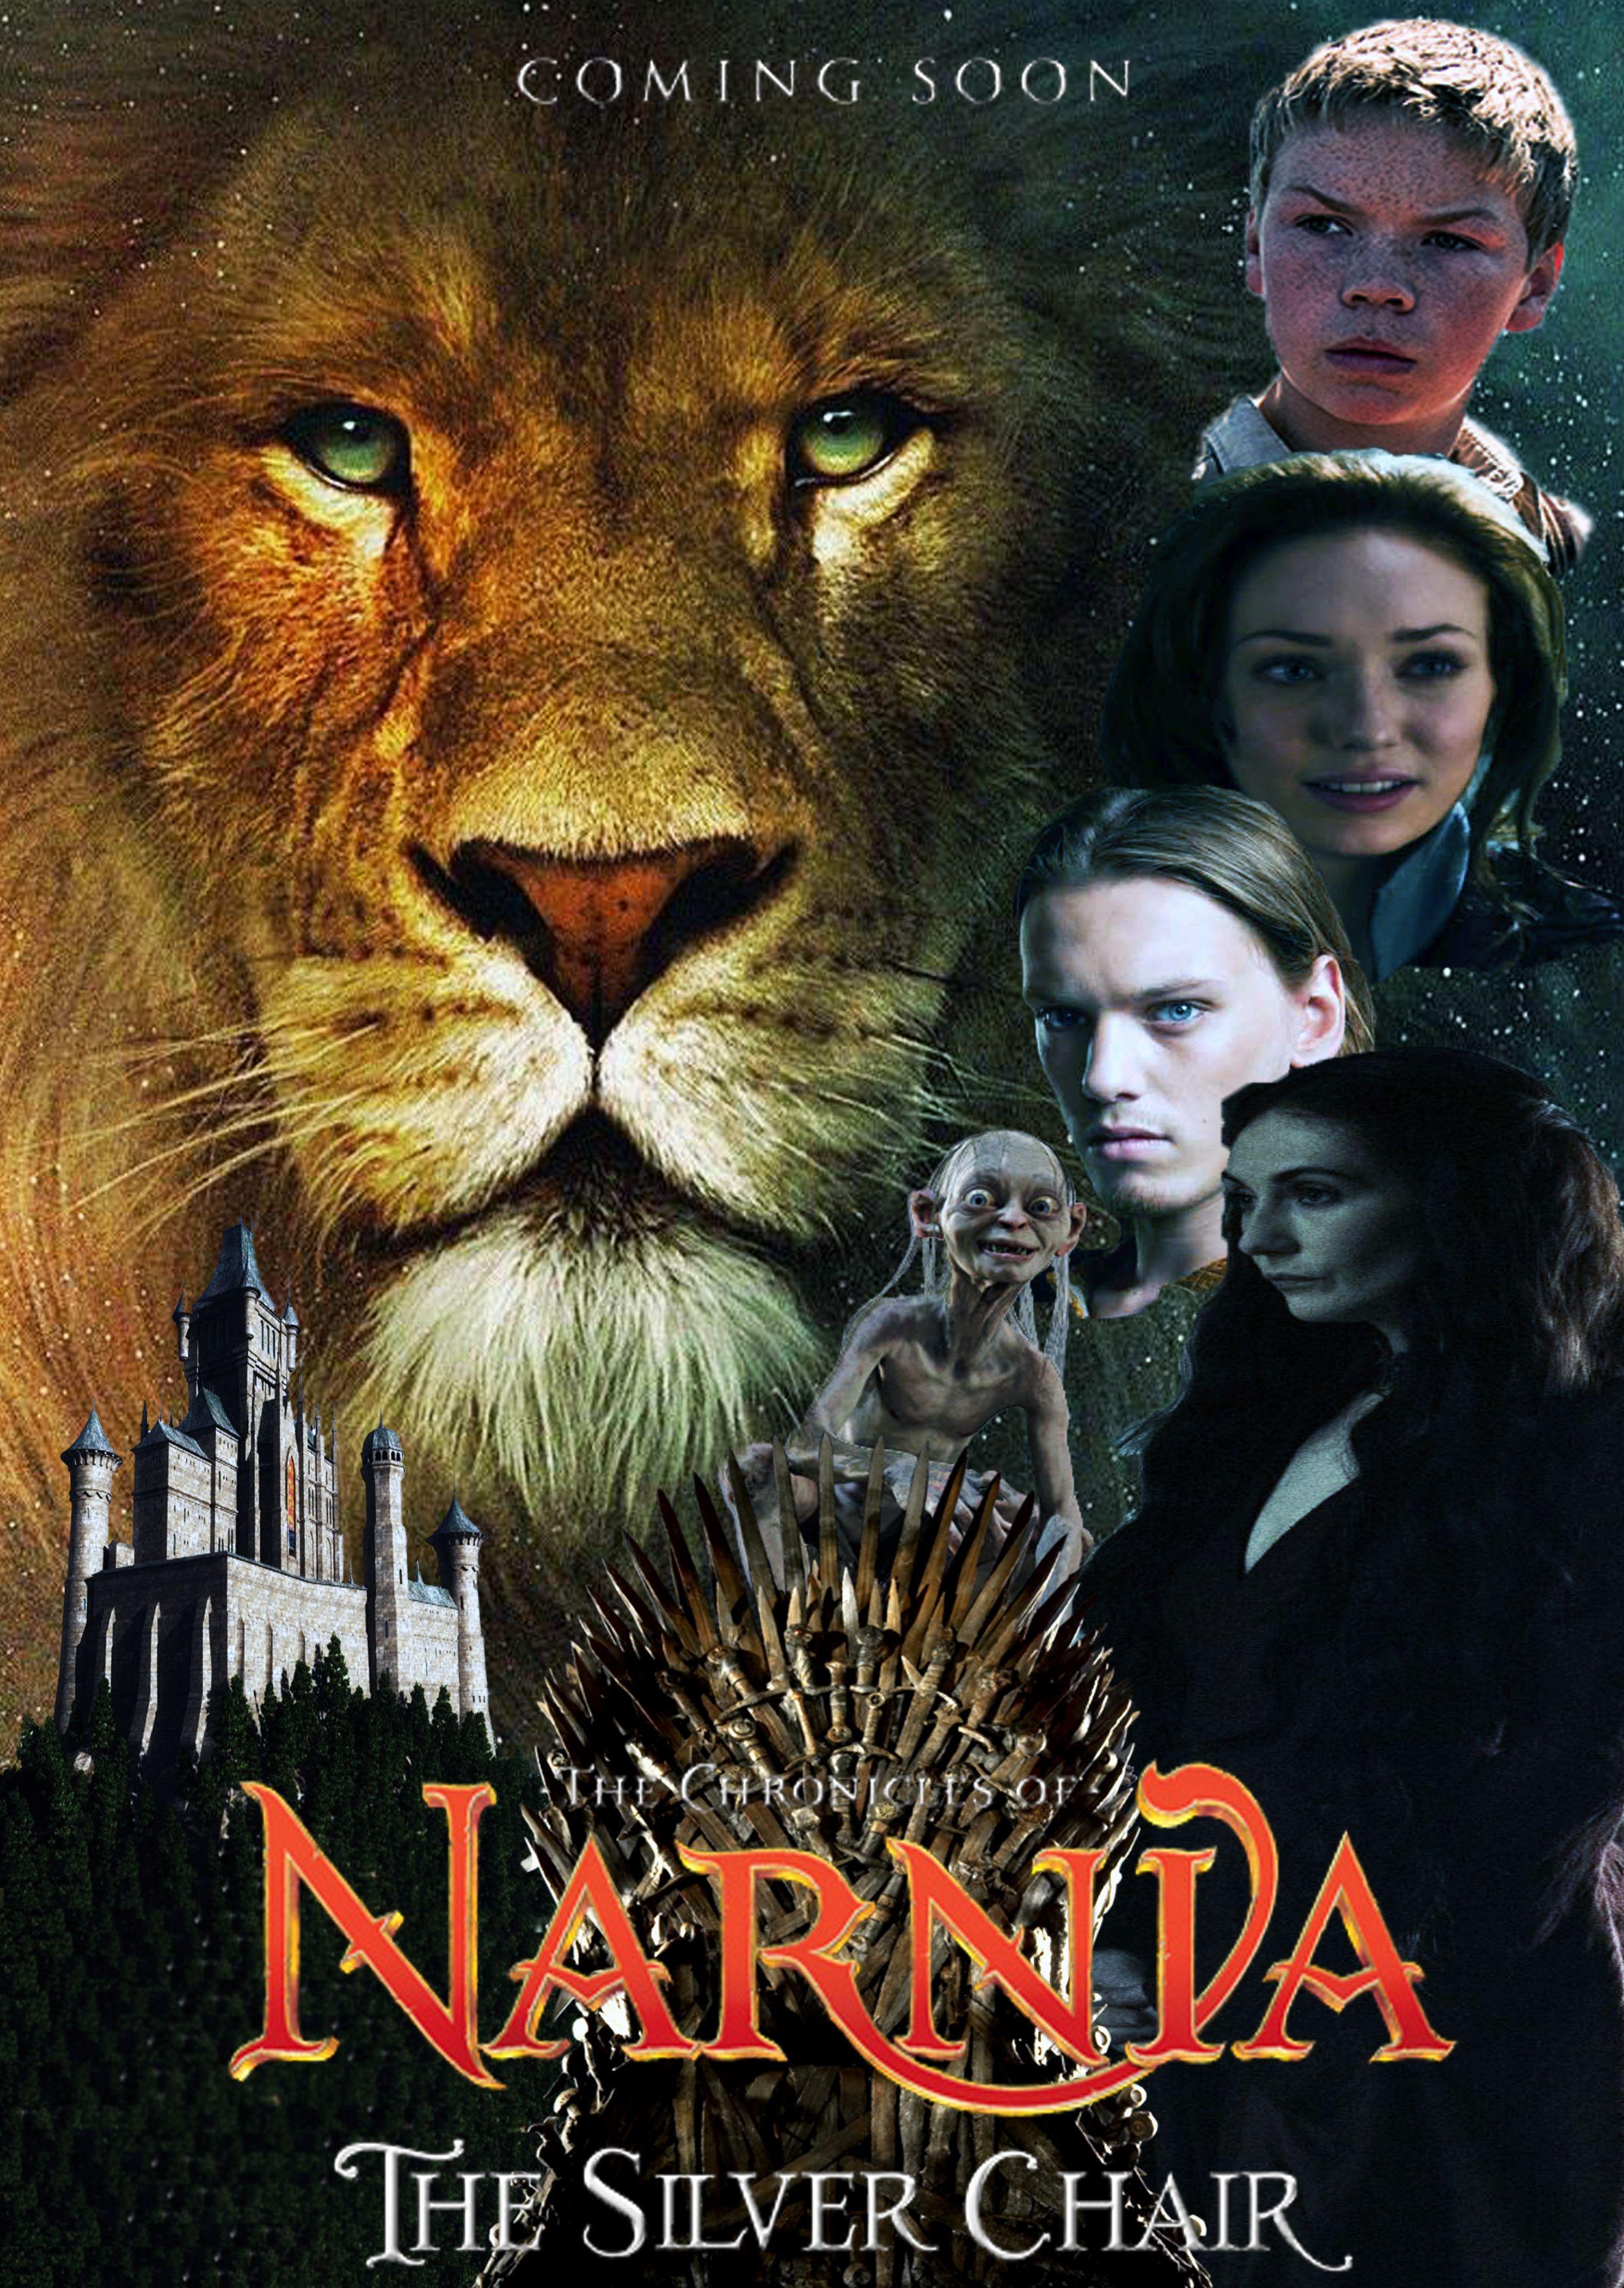 Narnia 4 The Silver Chair Narnia Narnia Chronicles Of Narnia